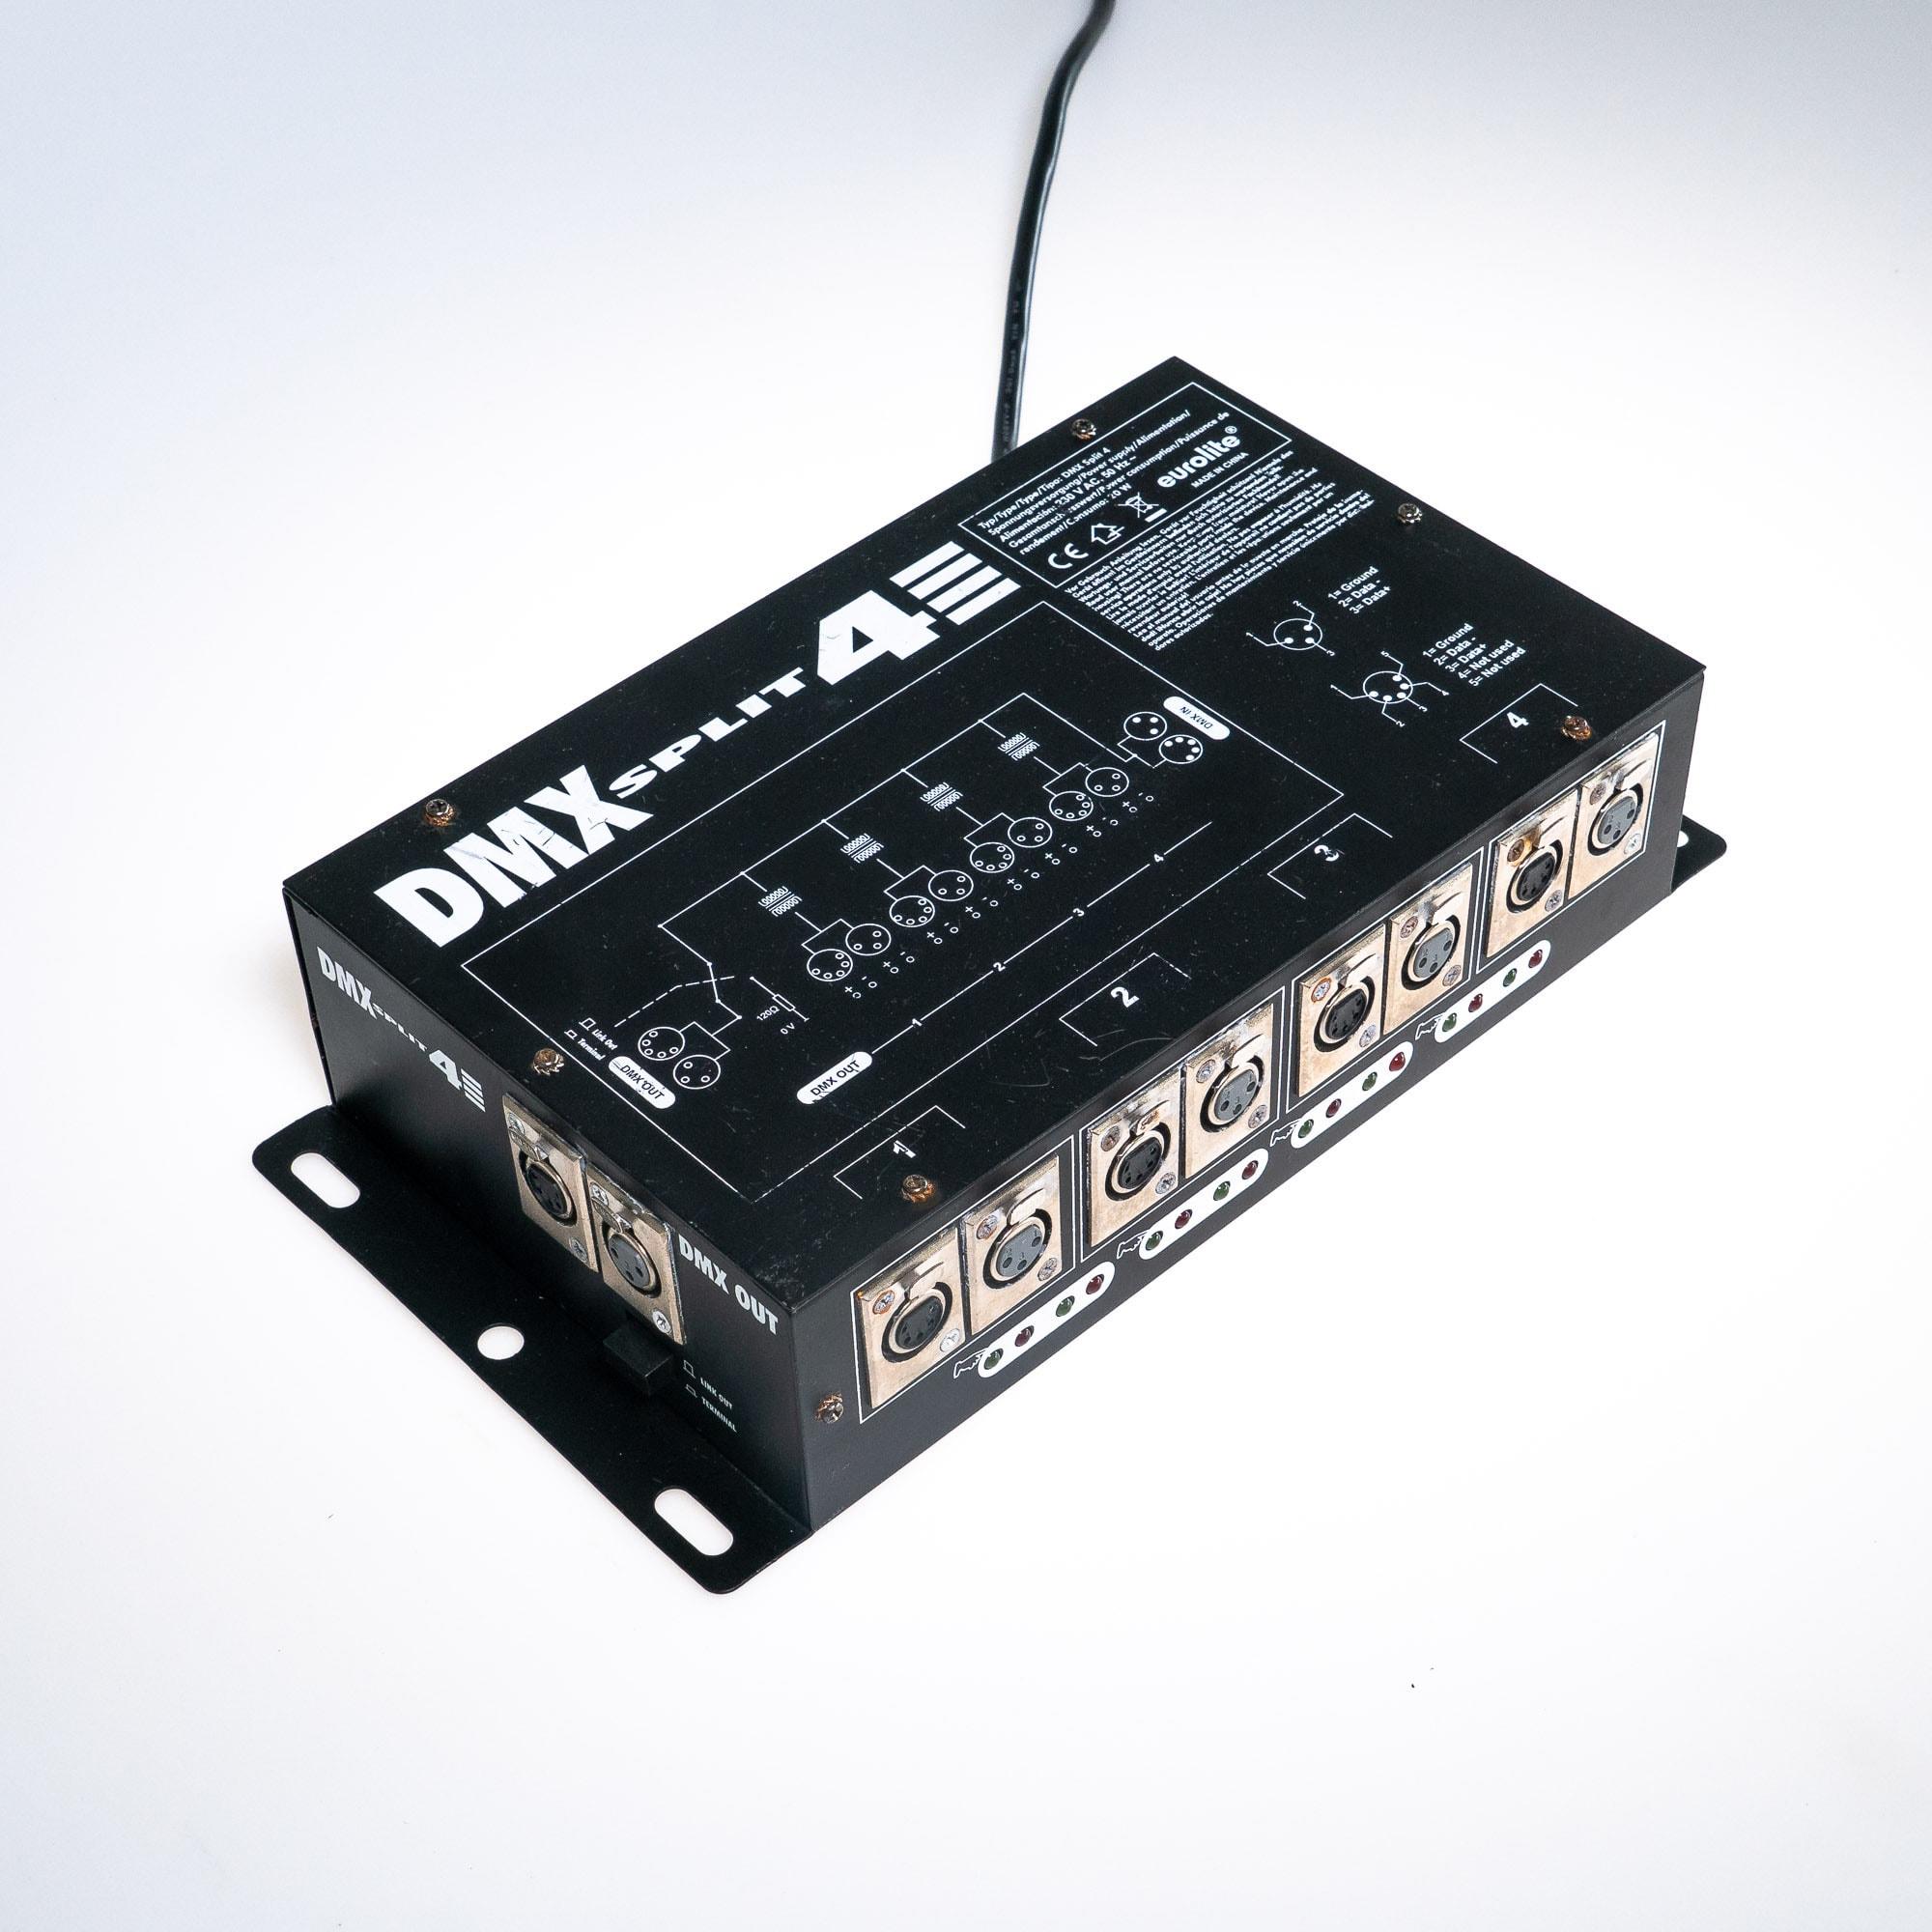 gebraucht kaufen Eurolite DMX Split 4